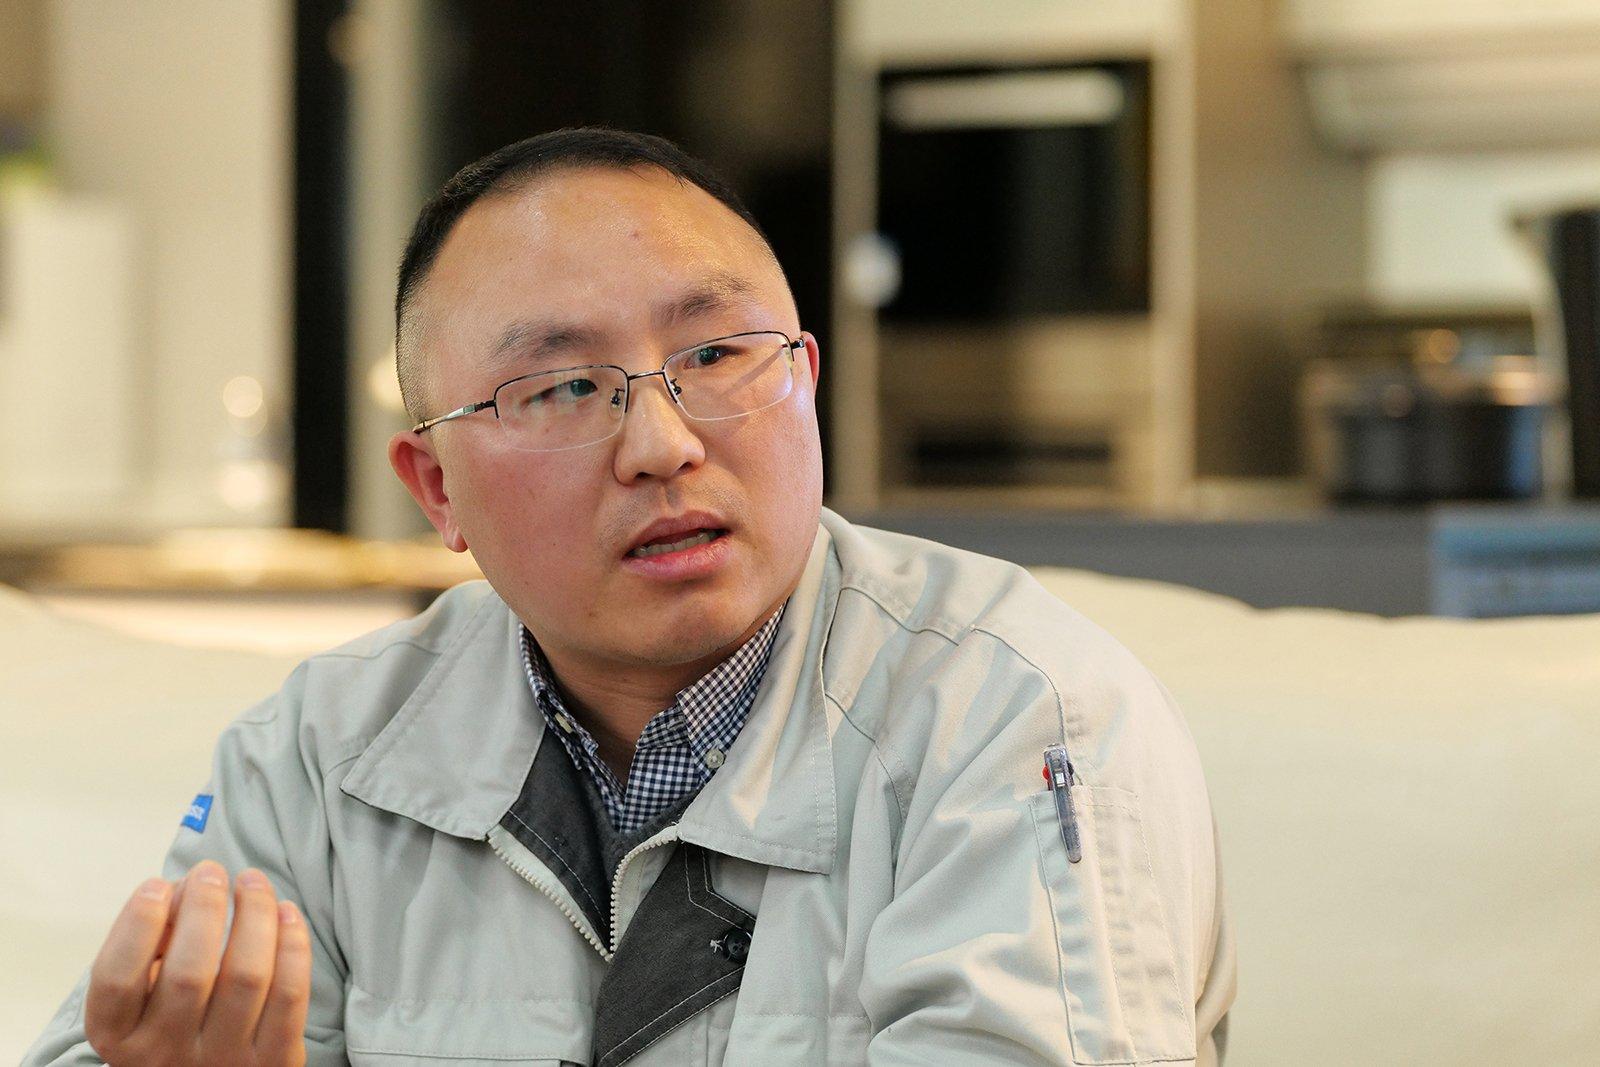 Photo: Wang Yinhui, development of advanced technologies, Panasonic Appliances (China) Co., Ltd